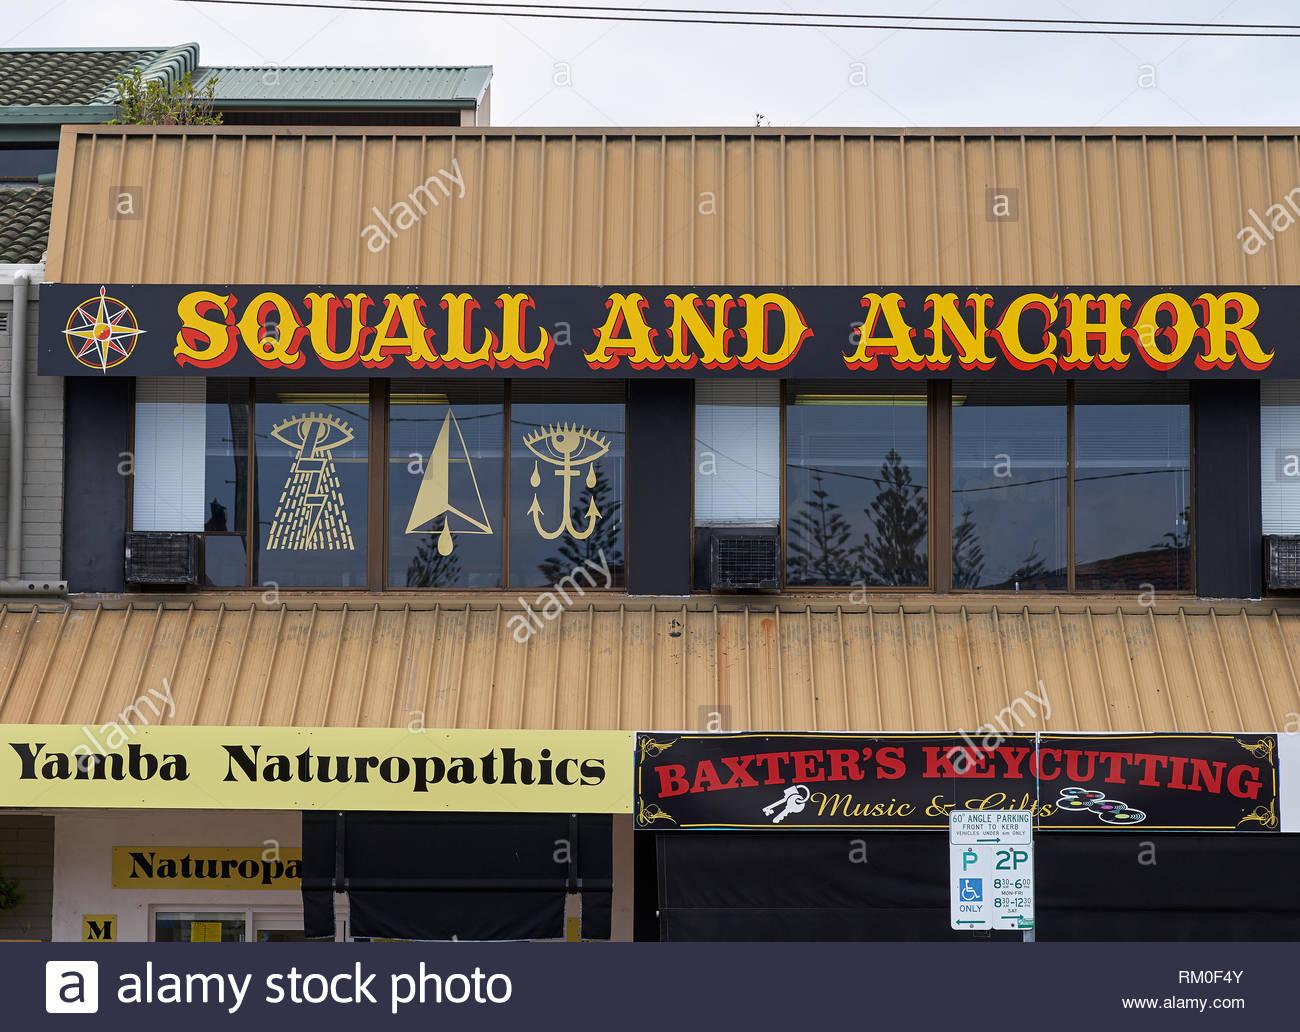 """Shop Fassade in der Hauptstraße von Yamba - der quall und Anker Tätowieren', 'Yamba Naturopathics"""" und """"Baxter's Keycutting"""" - mit satanischer Symbolik. Stockbild"""